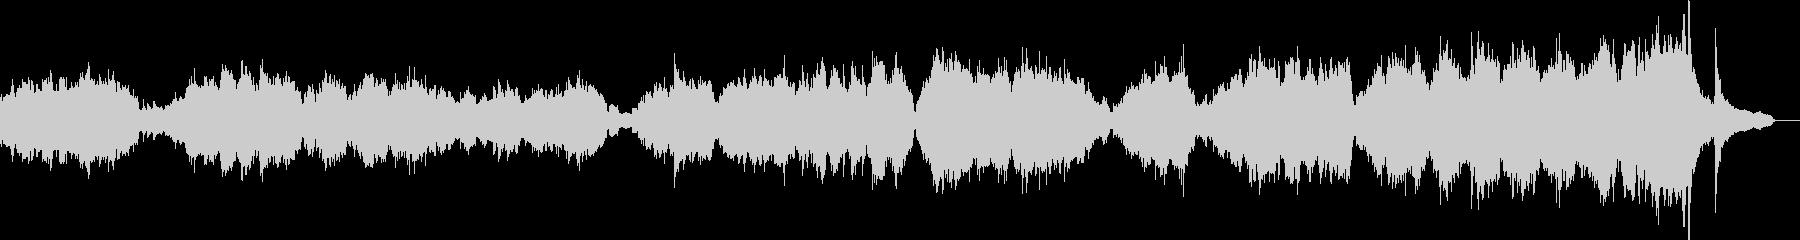 ショパン エチュード Op25 No12の未再生の波形